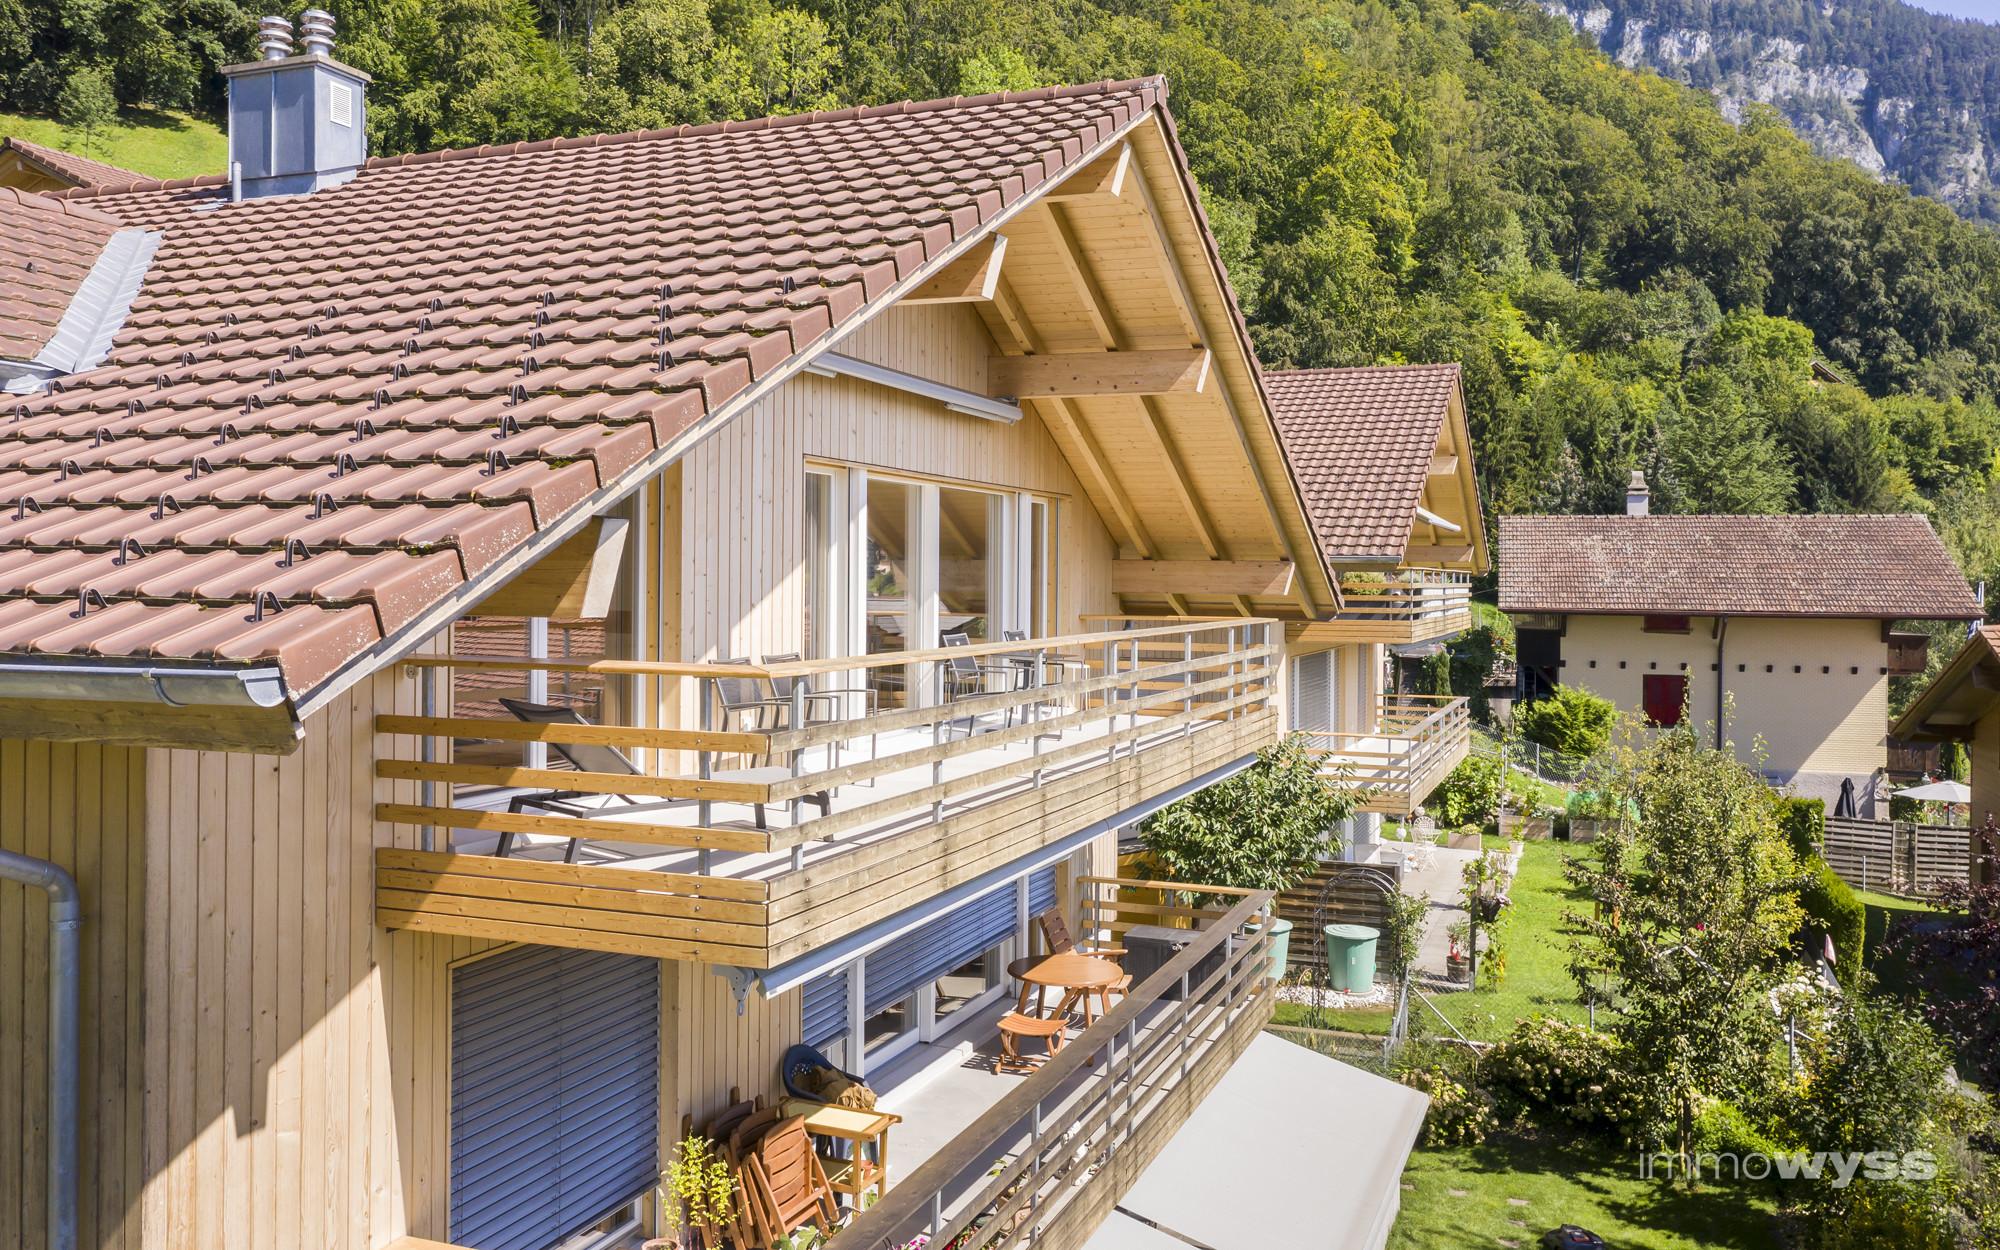 Hausansicht, Wohnung im Dachgeschoss